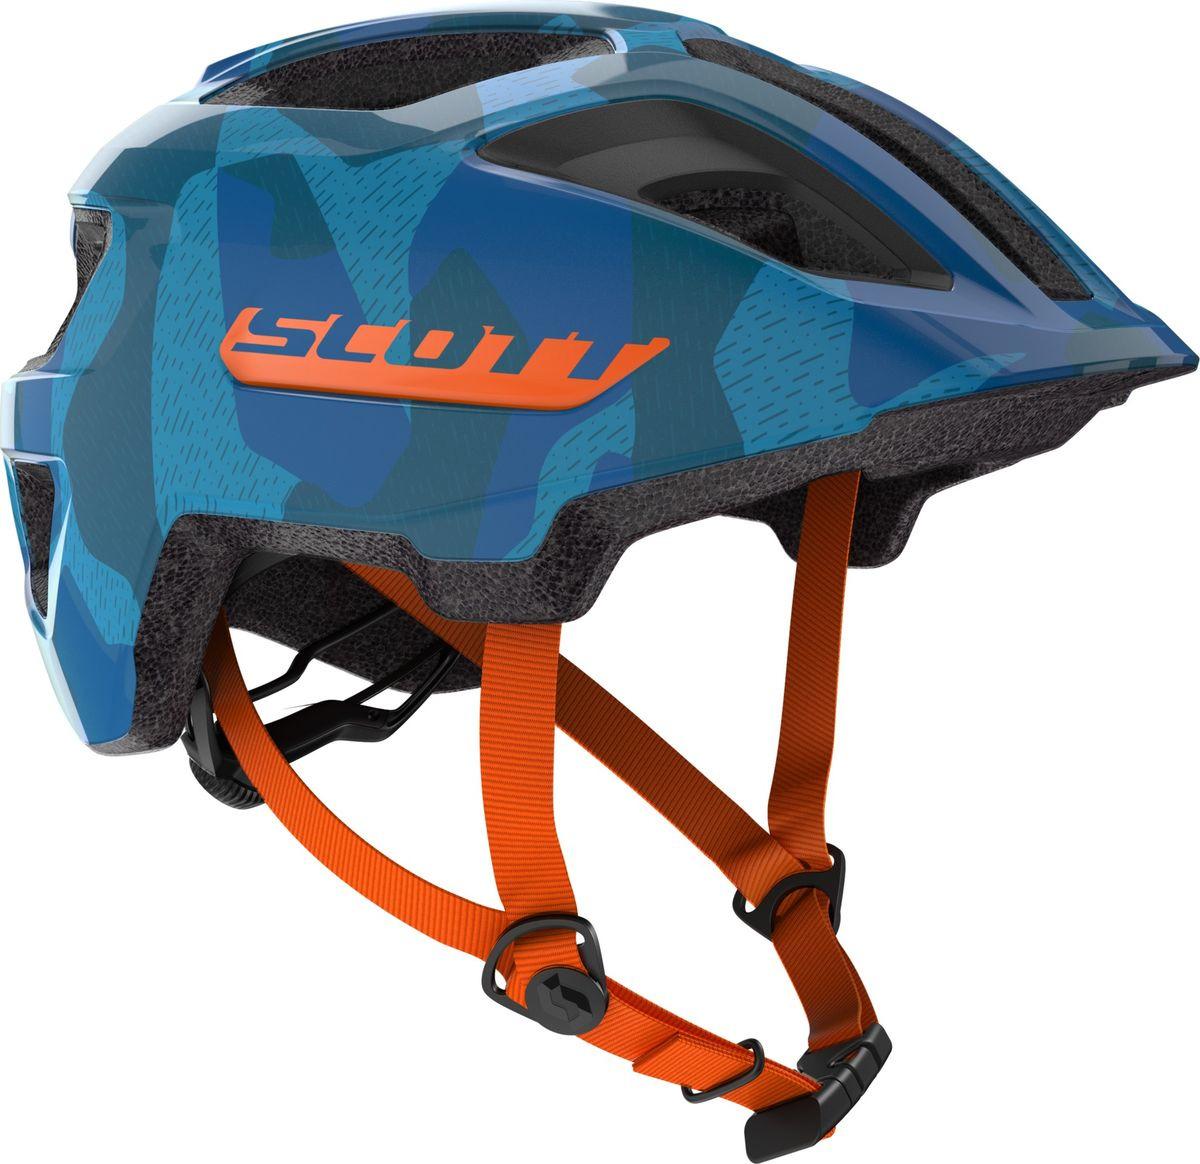 все цены на Шлем защитный Scott Spunto Junior, 270112-1454, оранжевый онлайн